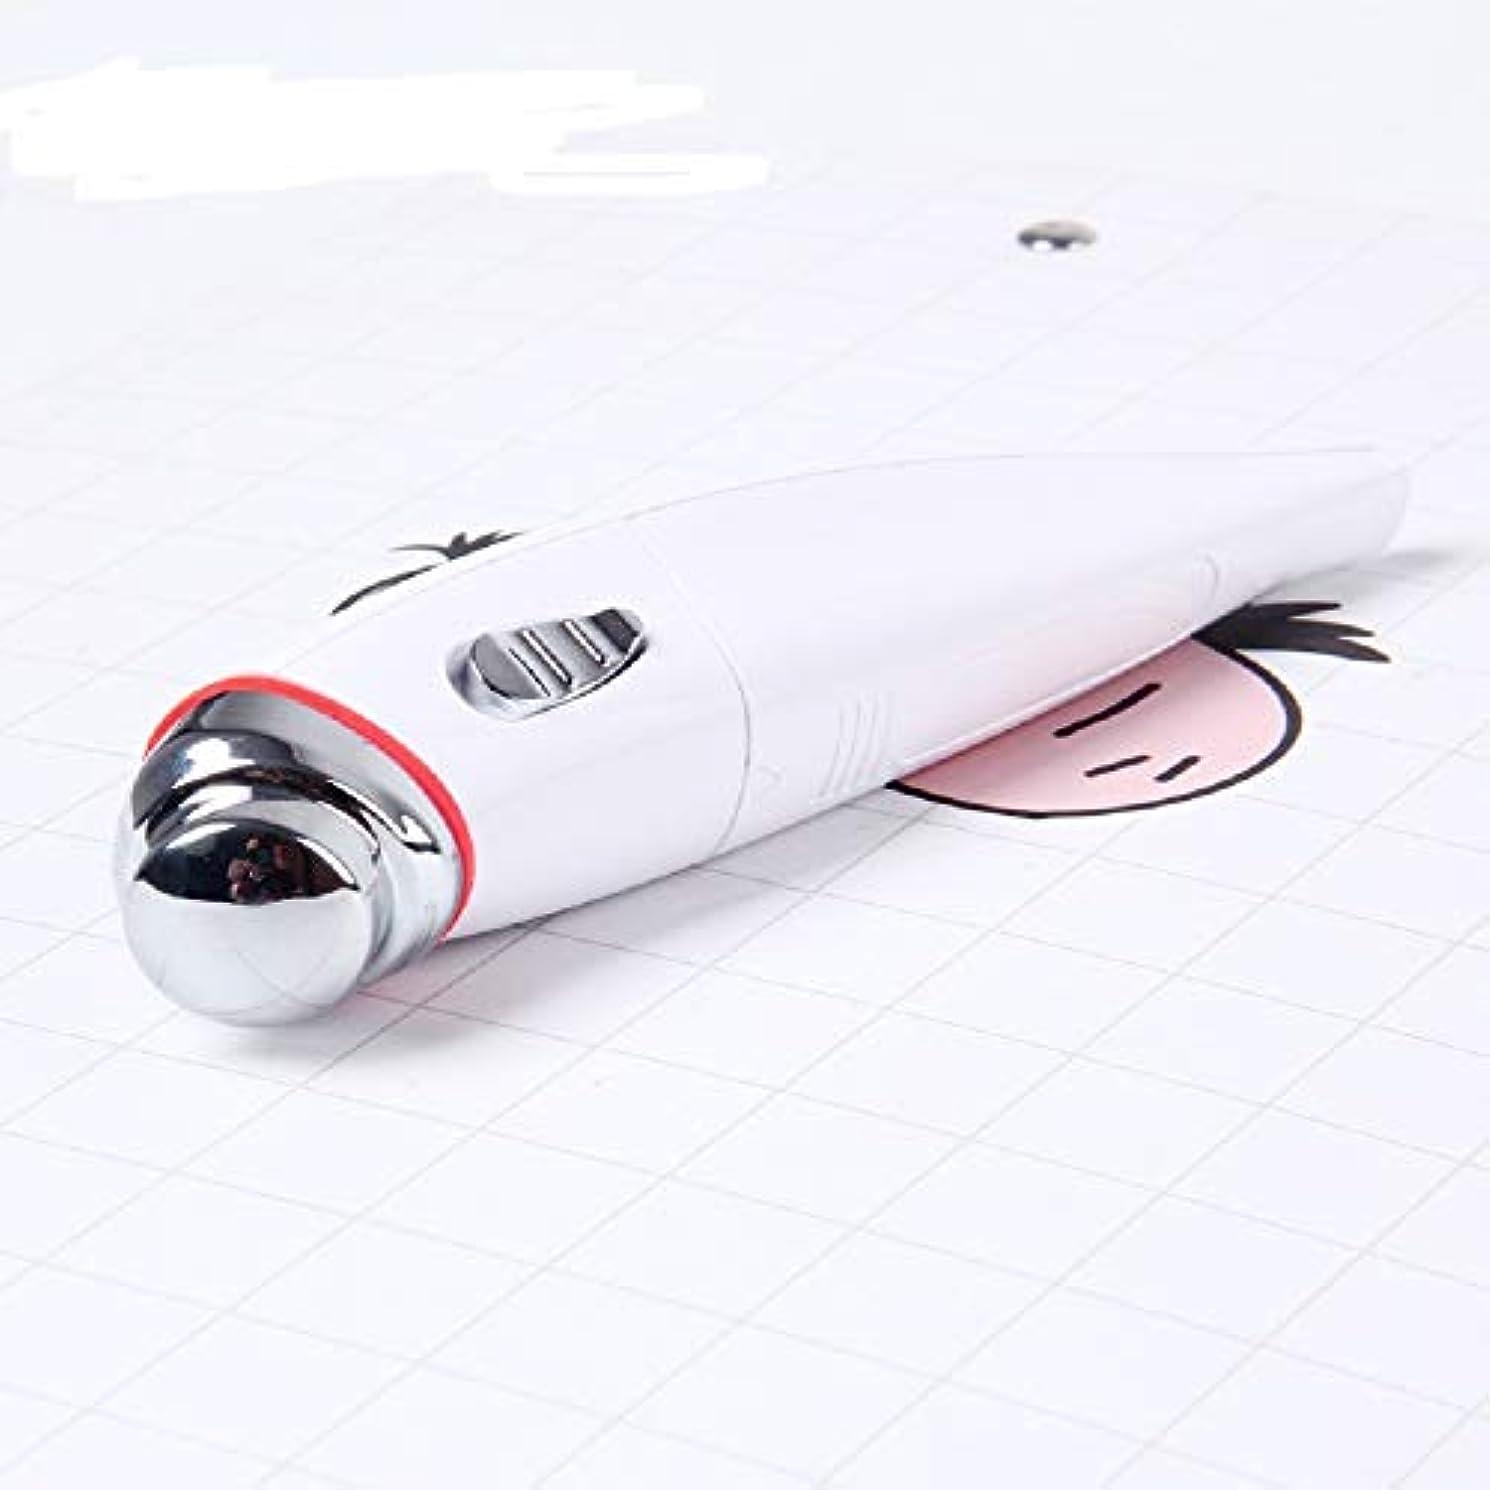 かき混ぜるこしょうドラッグRuzzy 振動マッサージ電動アイマッサージャー、振動マッサージ美容器具 購入へようこそ